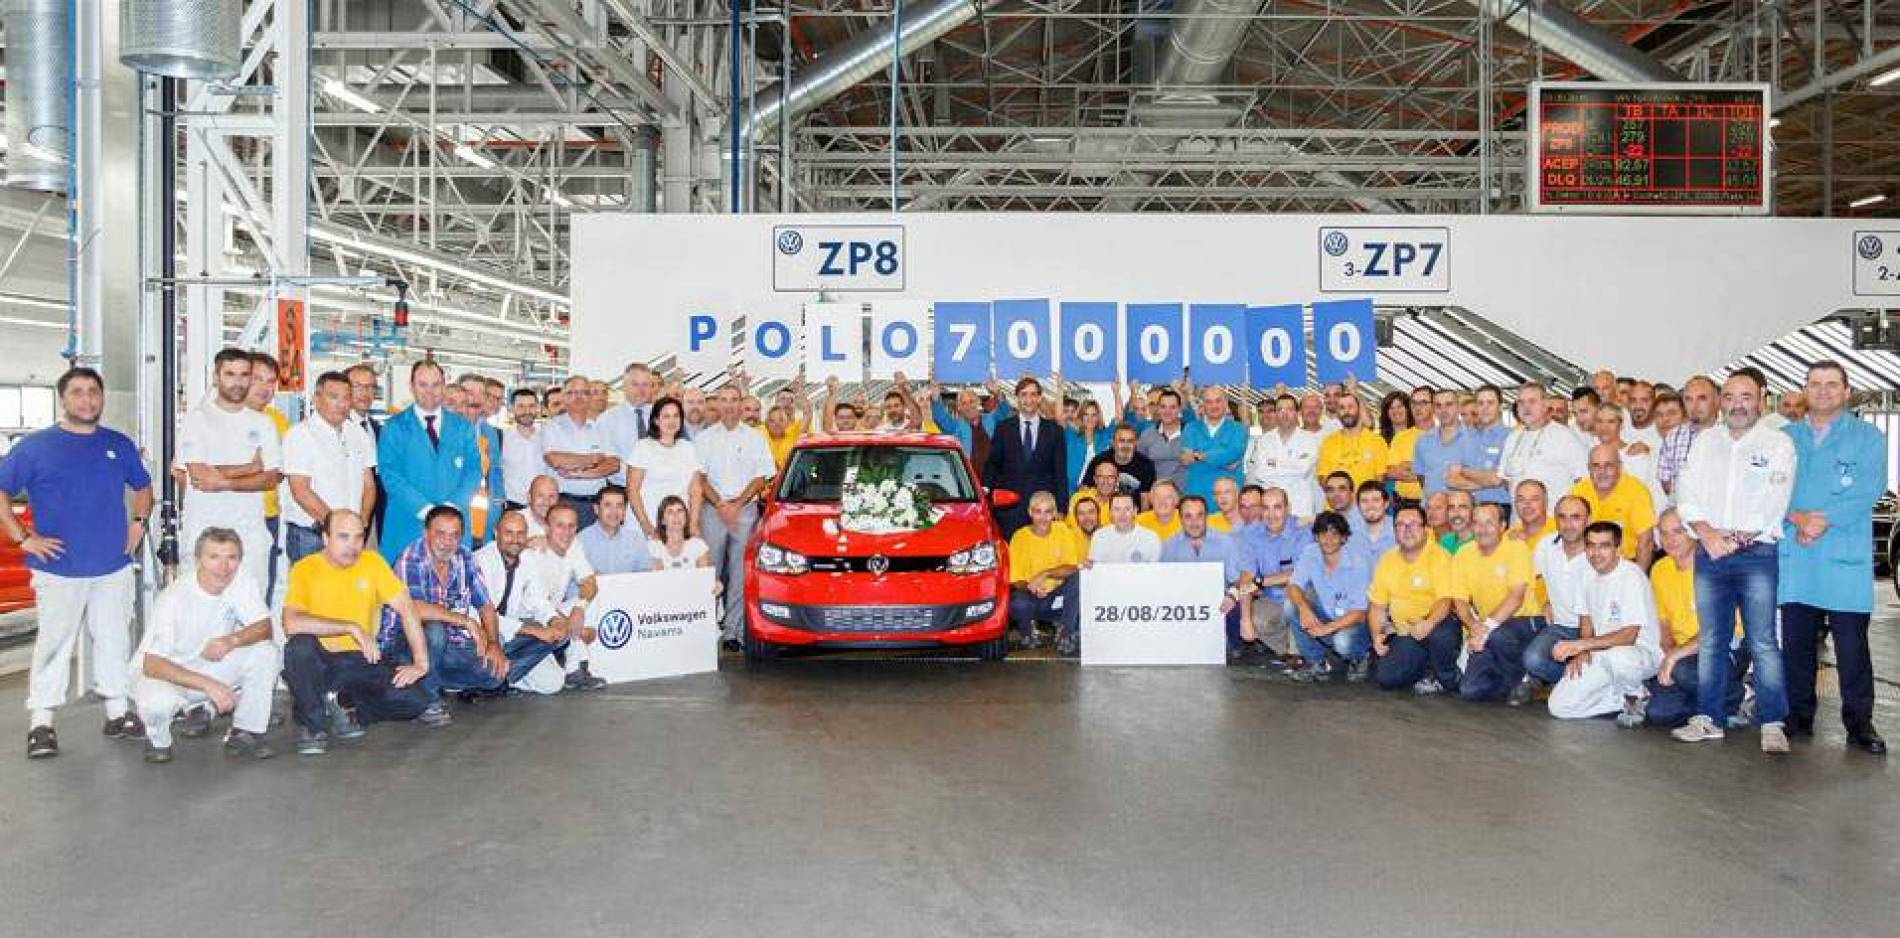 El Polo alcanza los siete millones en España